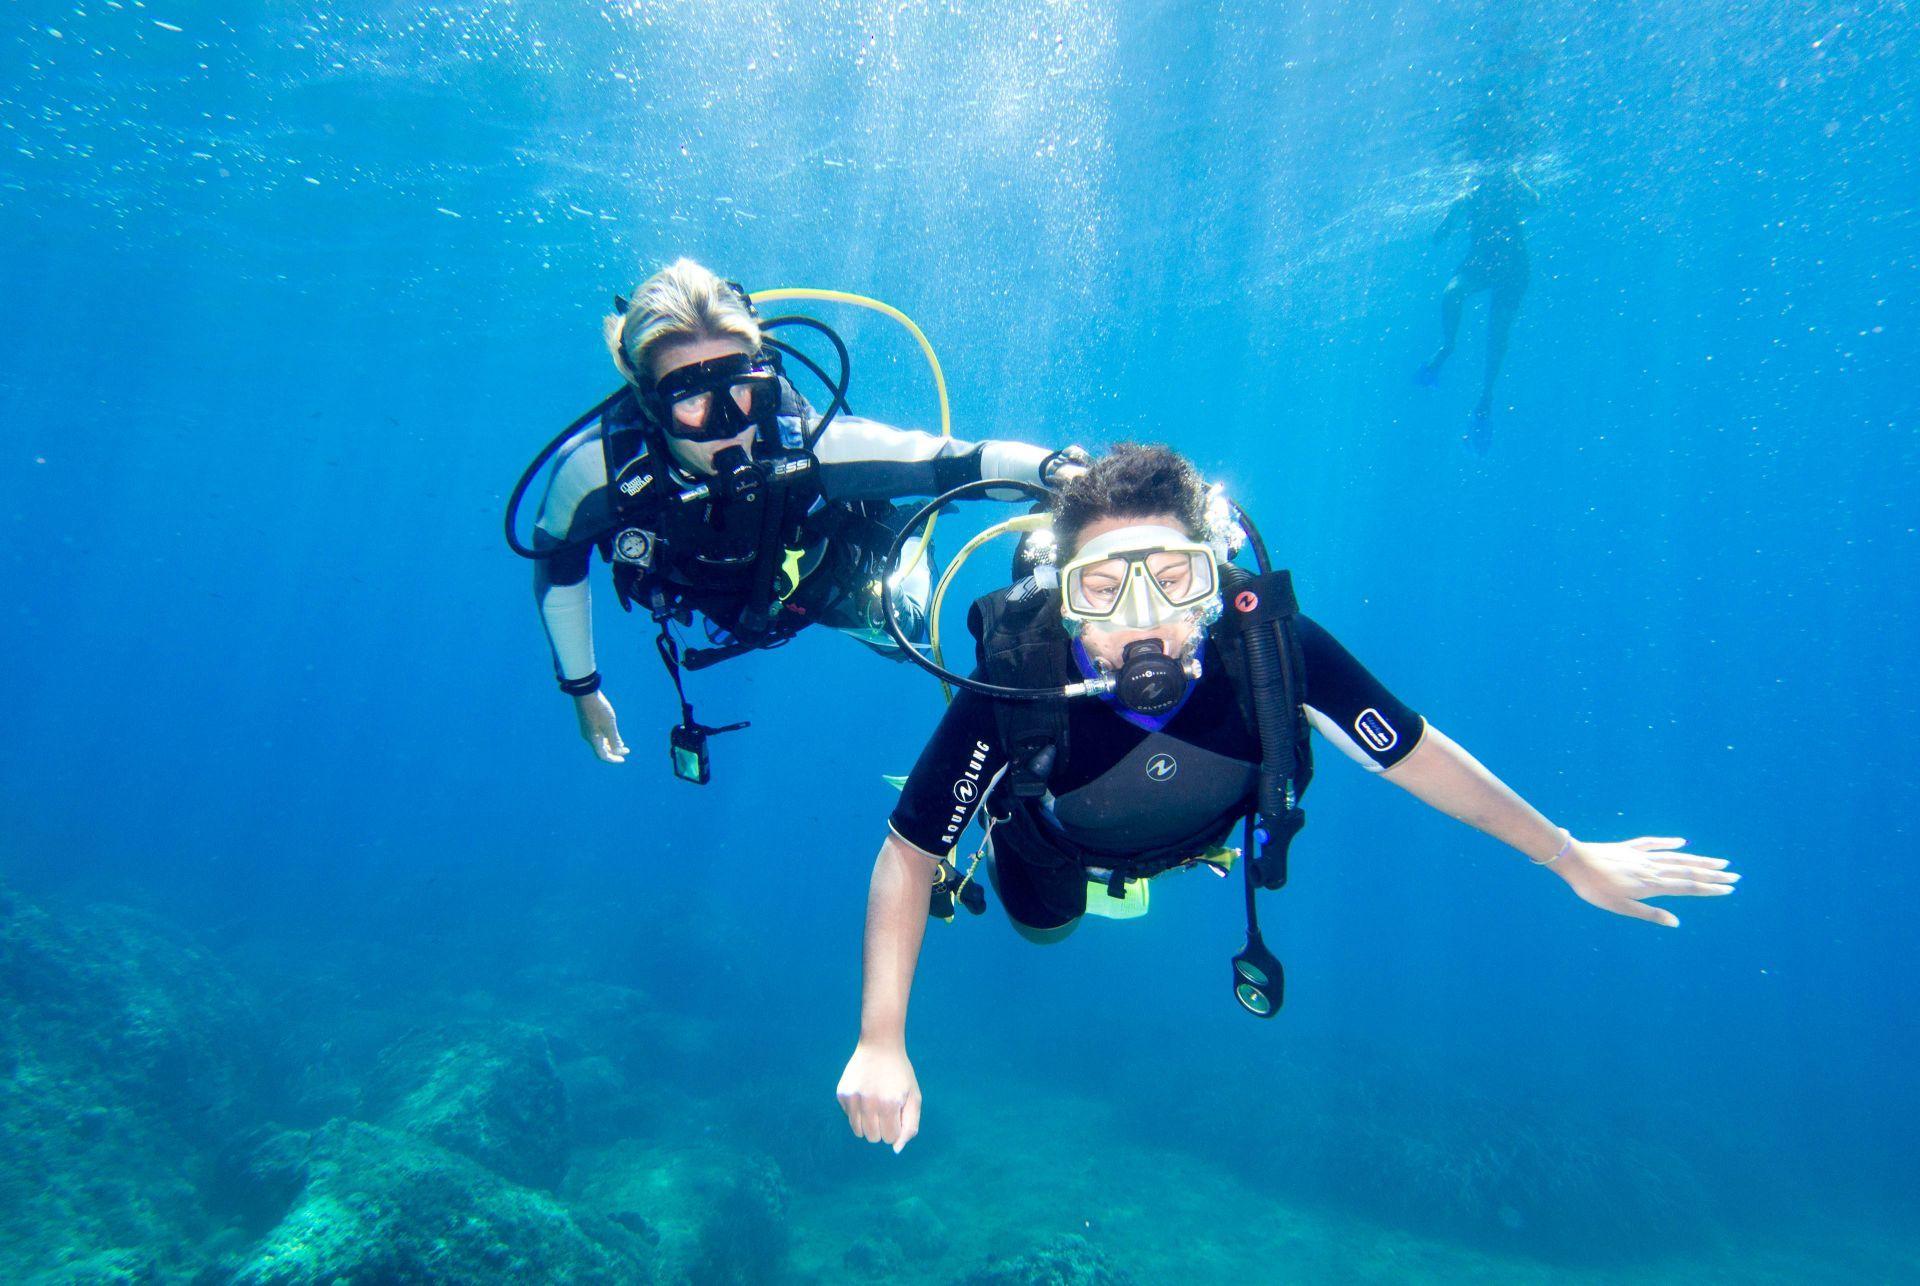 Greece sports: Scuba diving in Greece